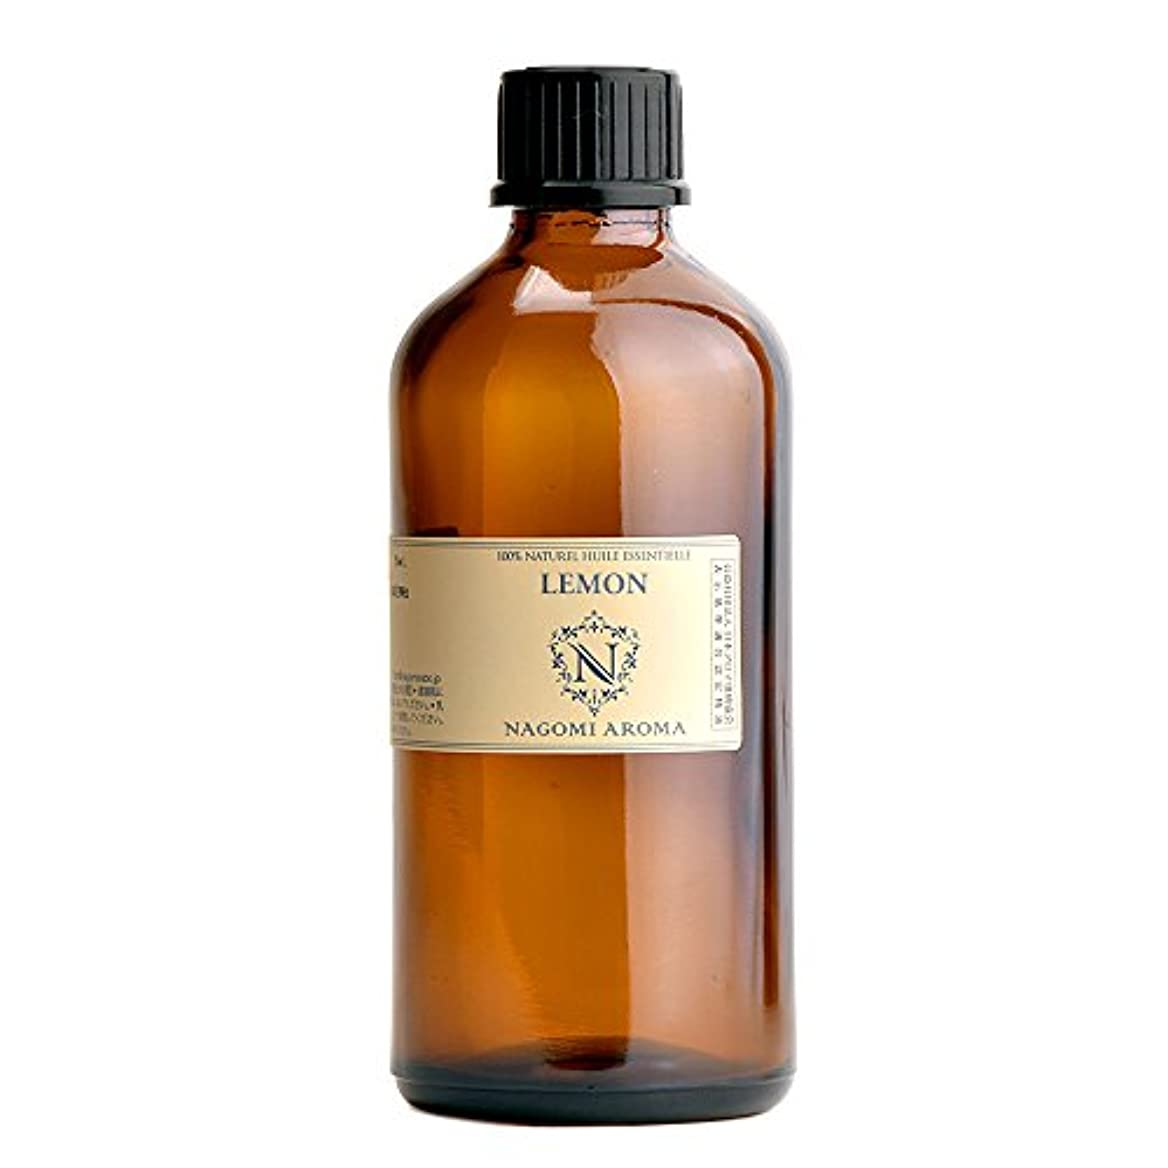 ではごきげんよう活力厳NAGOMI AROMA レモン 100ml 【AEAJ認定精油】【アロマオイル】